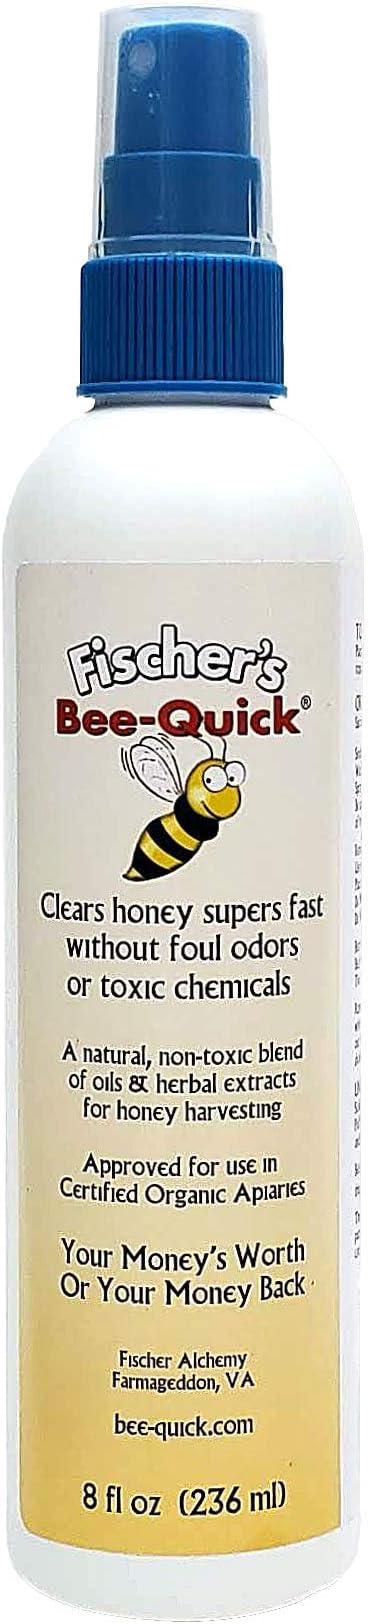 Fischers Bee Repelente rápido de abejas para eliminar las abejas de miel de equipos de pitido en una manera segura y orgánica (botella de 8 oz)